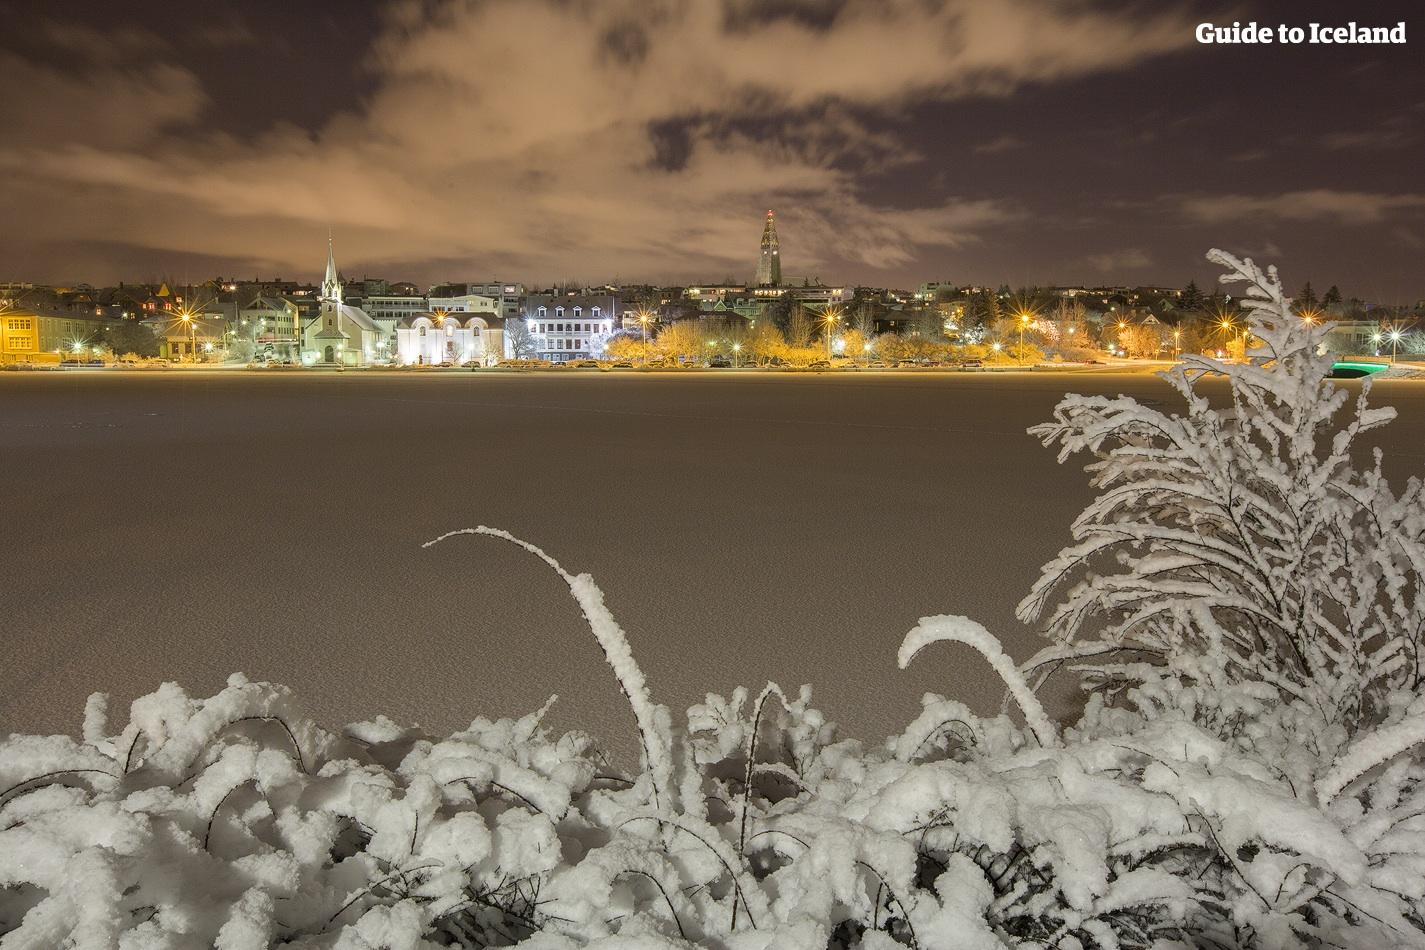 冰岛首都雷克雅未克每到冬季就会摇身变成雪的国度